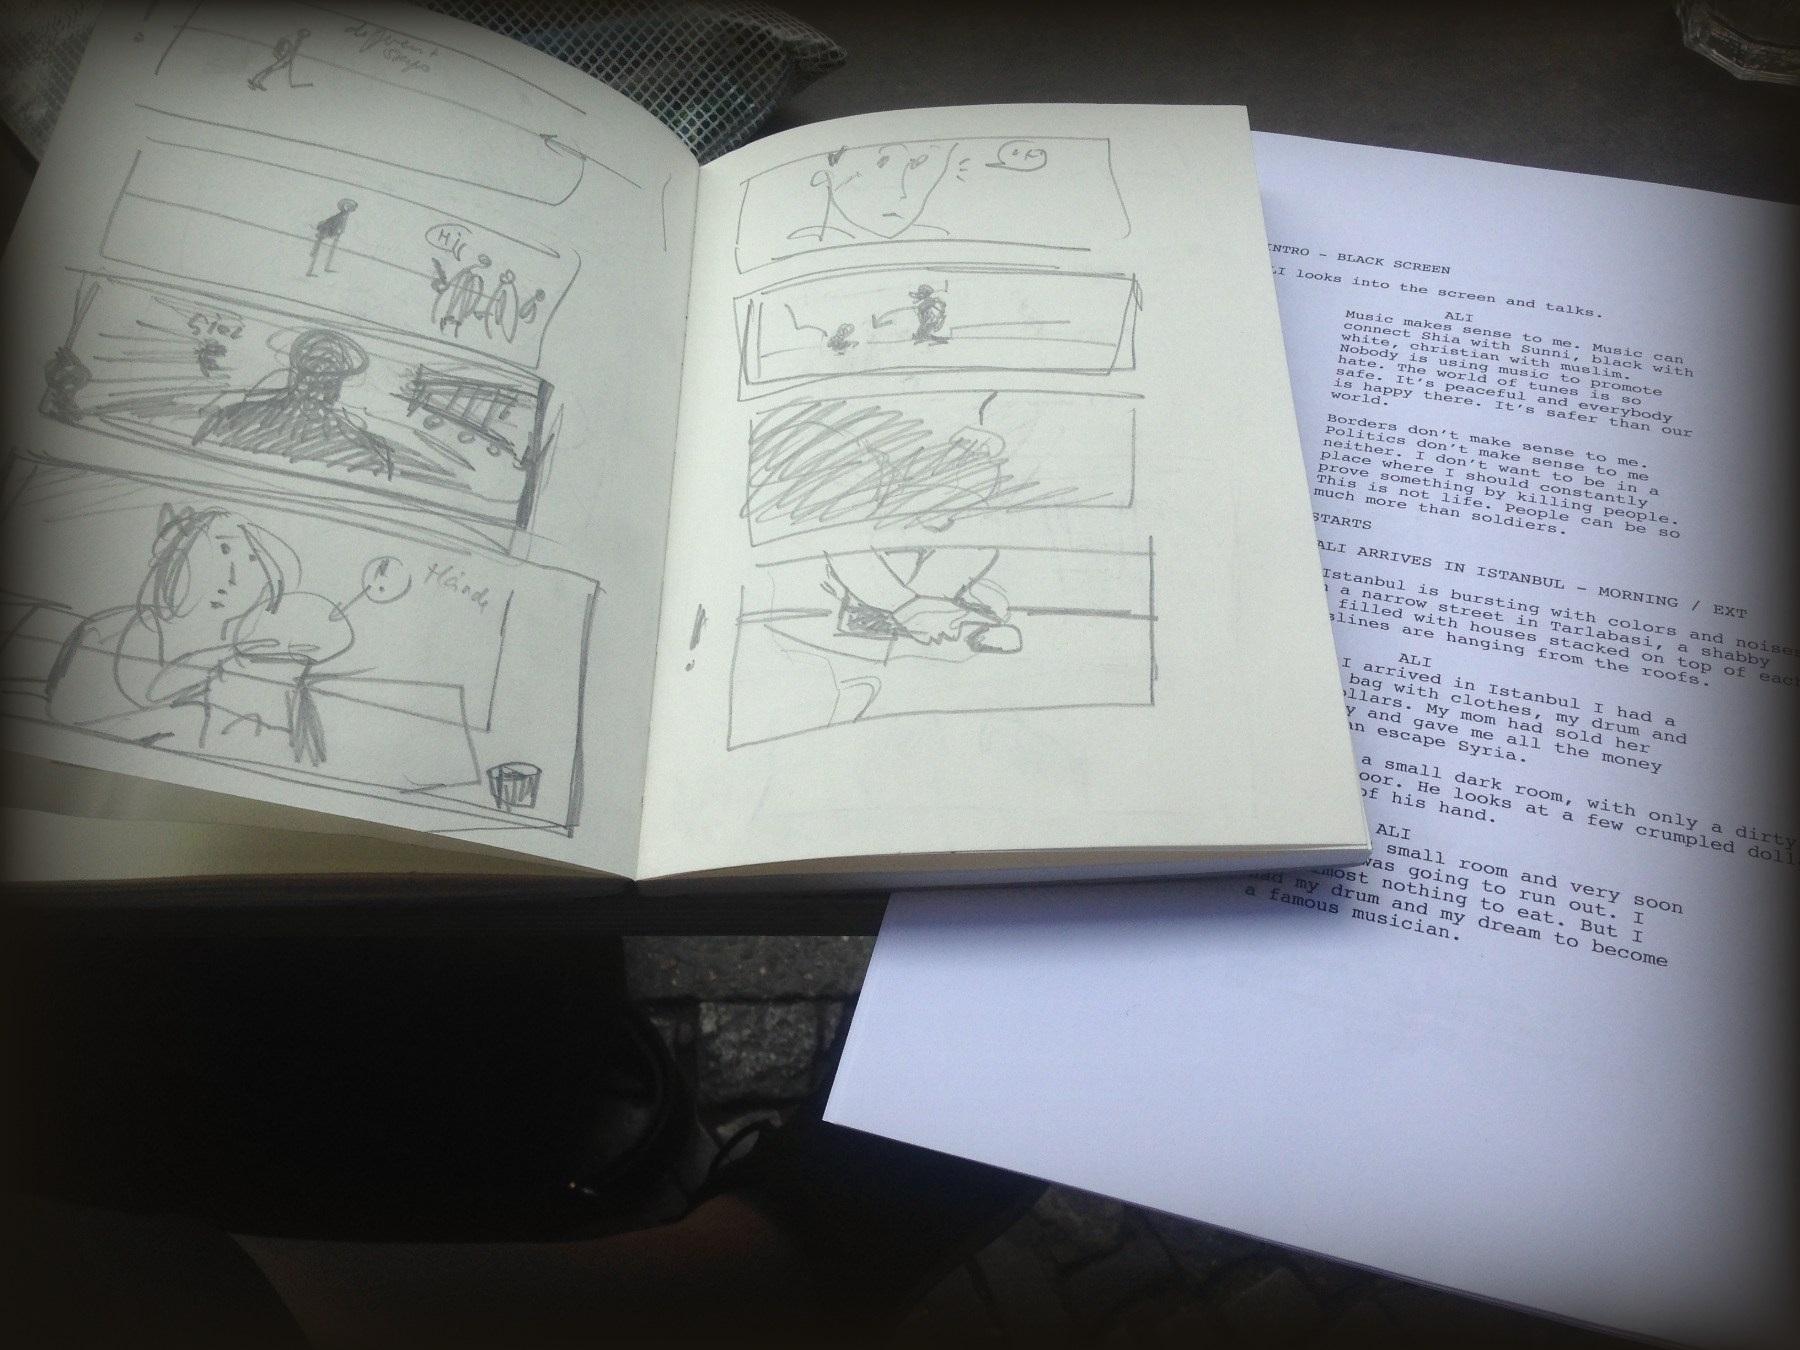 анимационна документална поредица